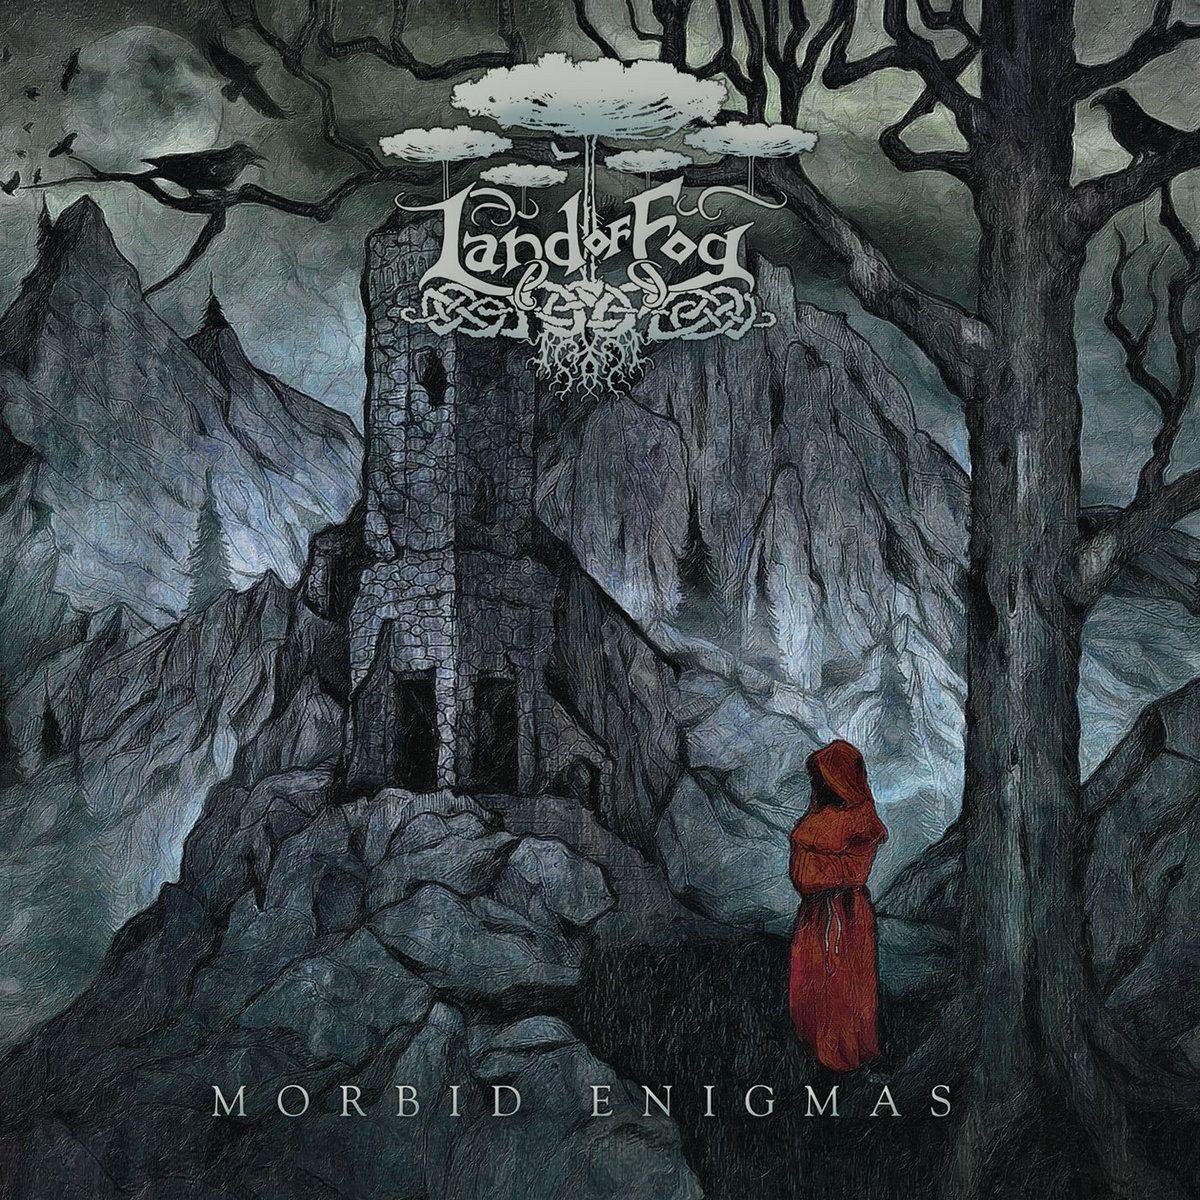 Reviews for Land of Fog - Morbid Enigmas